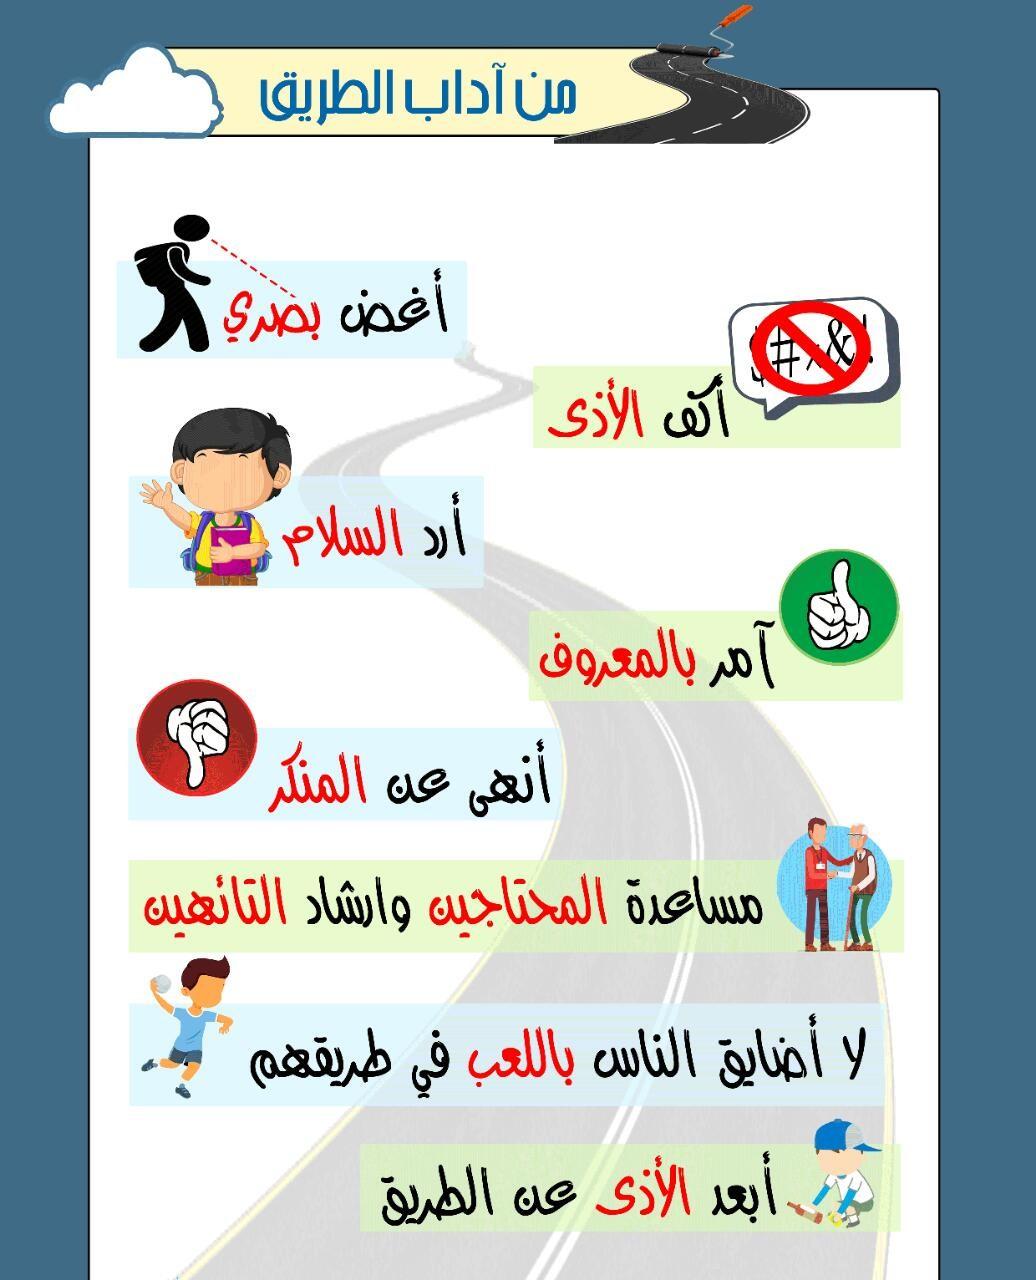 منتدى مهدي الكشفي النشاط 1 آداب اجتماعي ة